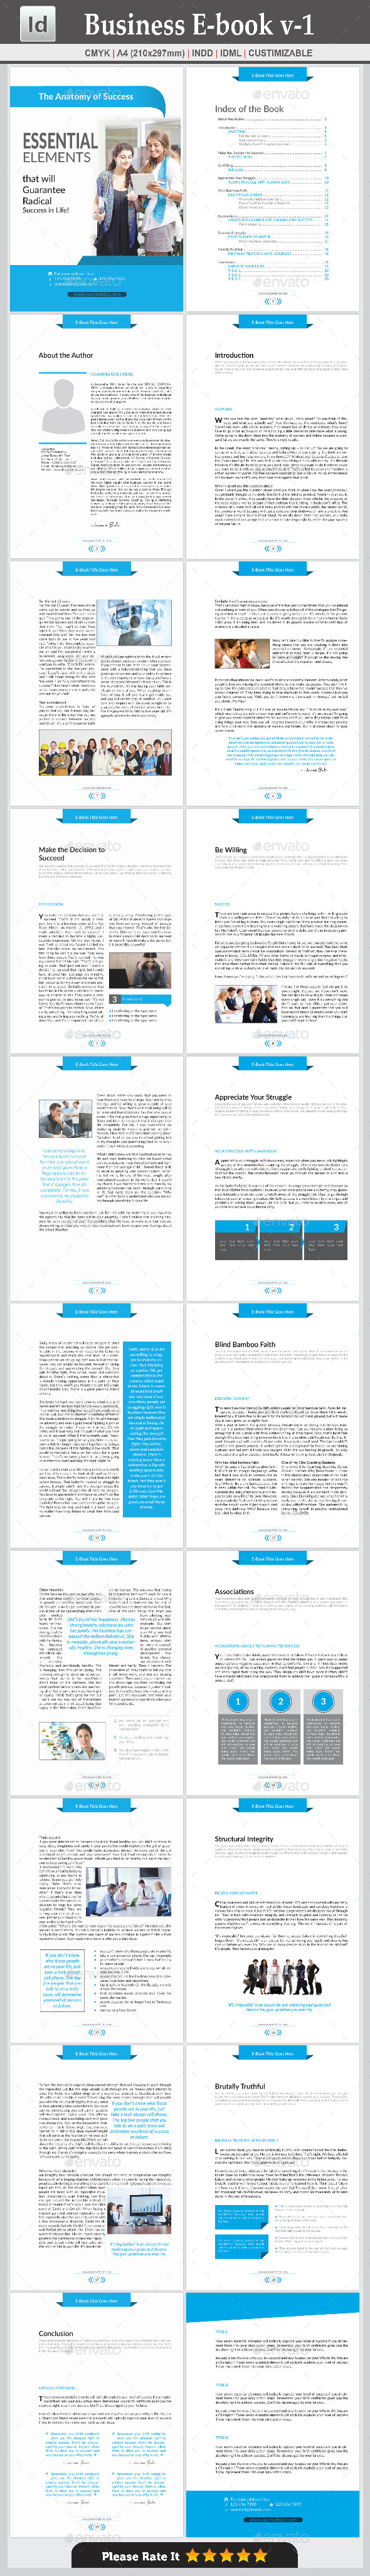 Business E-book v-1